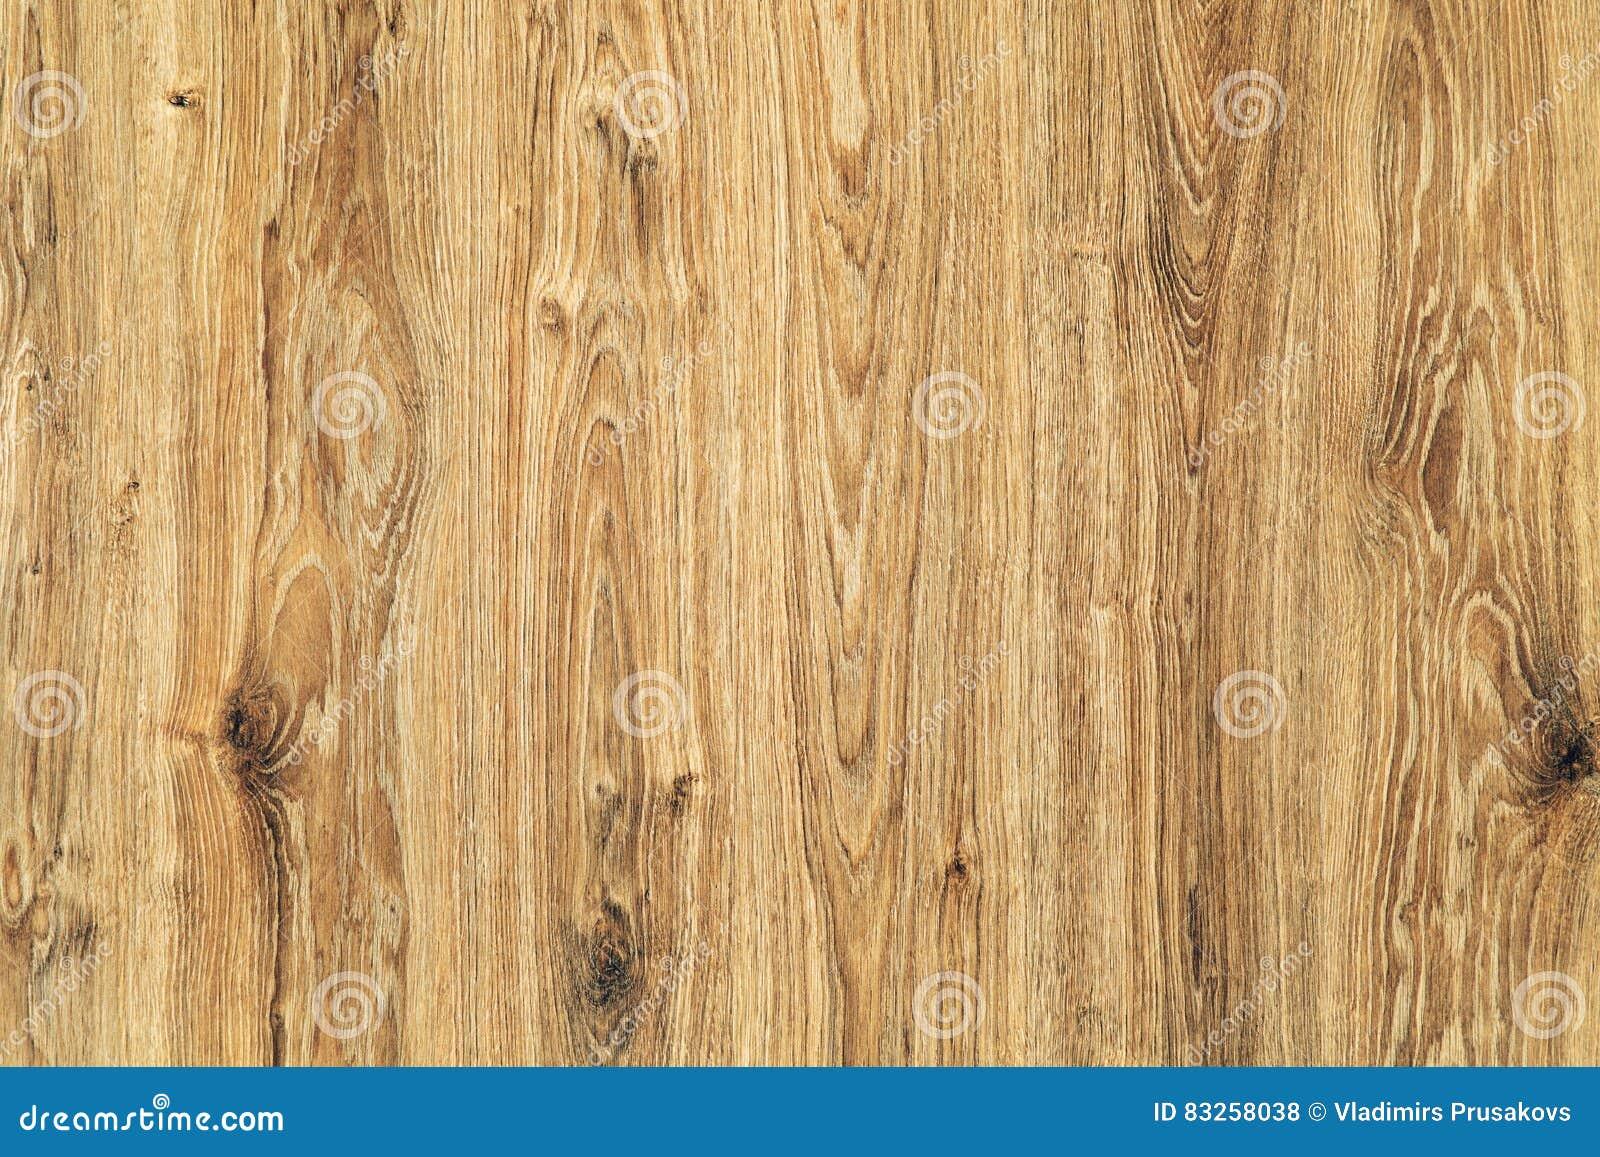 Textura de madera, fondo de madera, grano viejo de la pared de madera de Brown